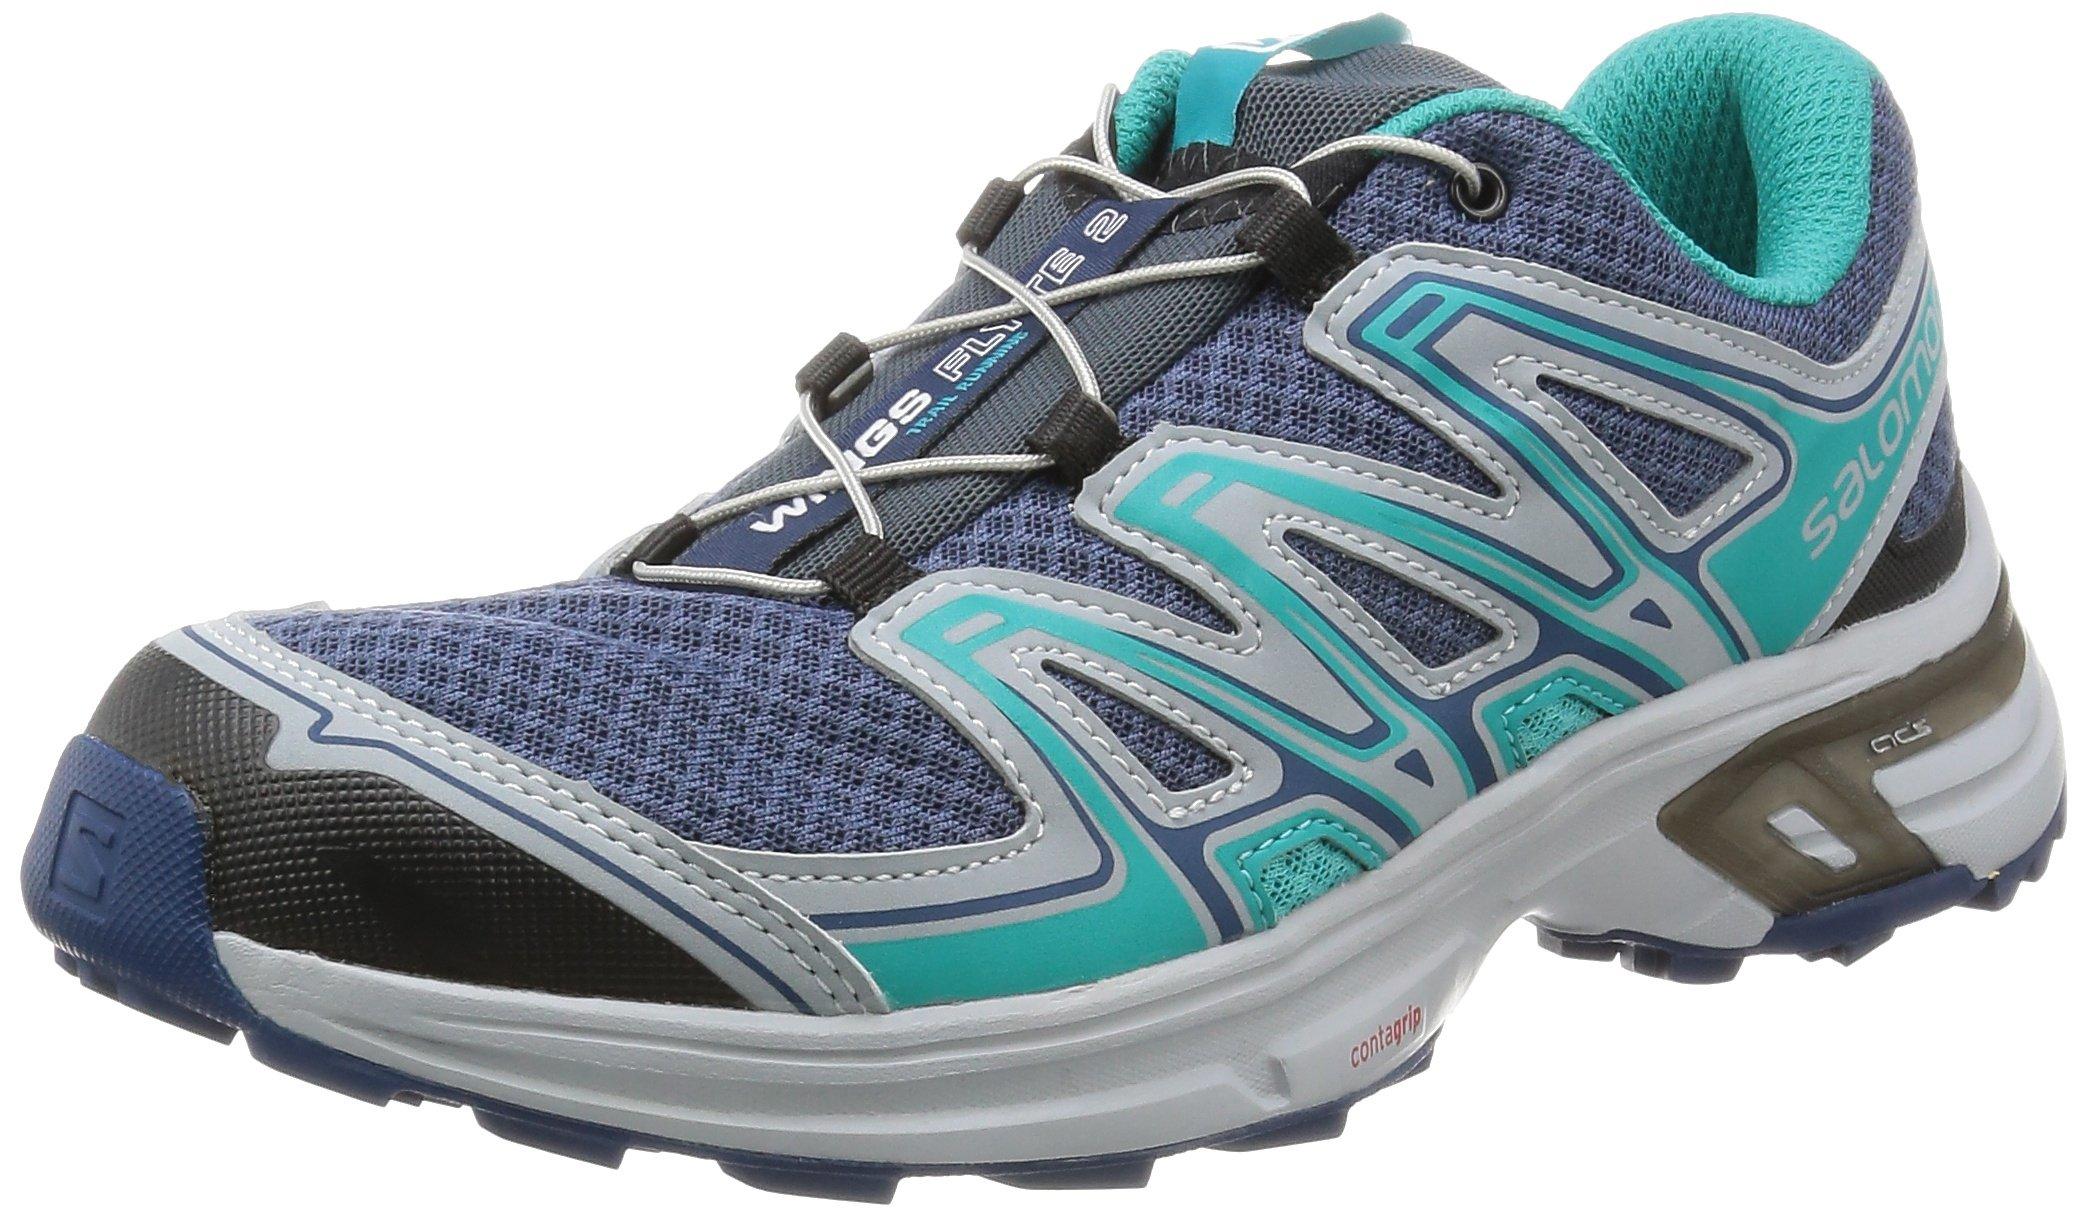 Salomon Women's Wings Flyte 2 W Trail Running Shoe, Slateblue/Light Onix/Teal Blue F, 8.5 B US